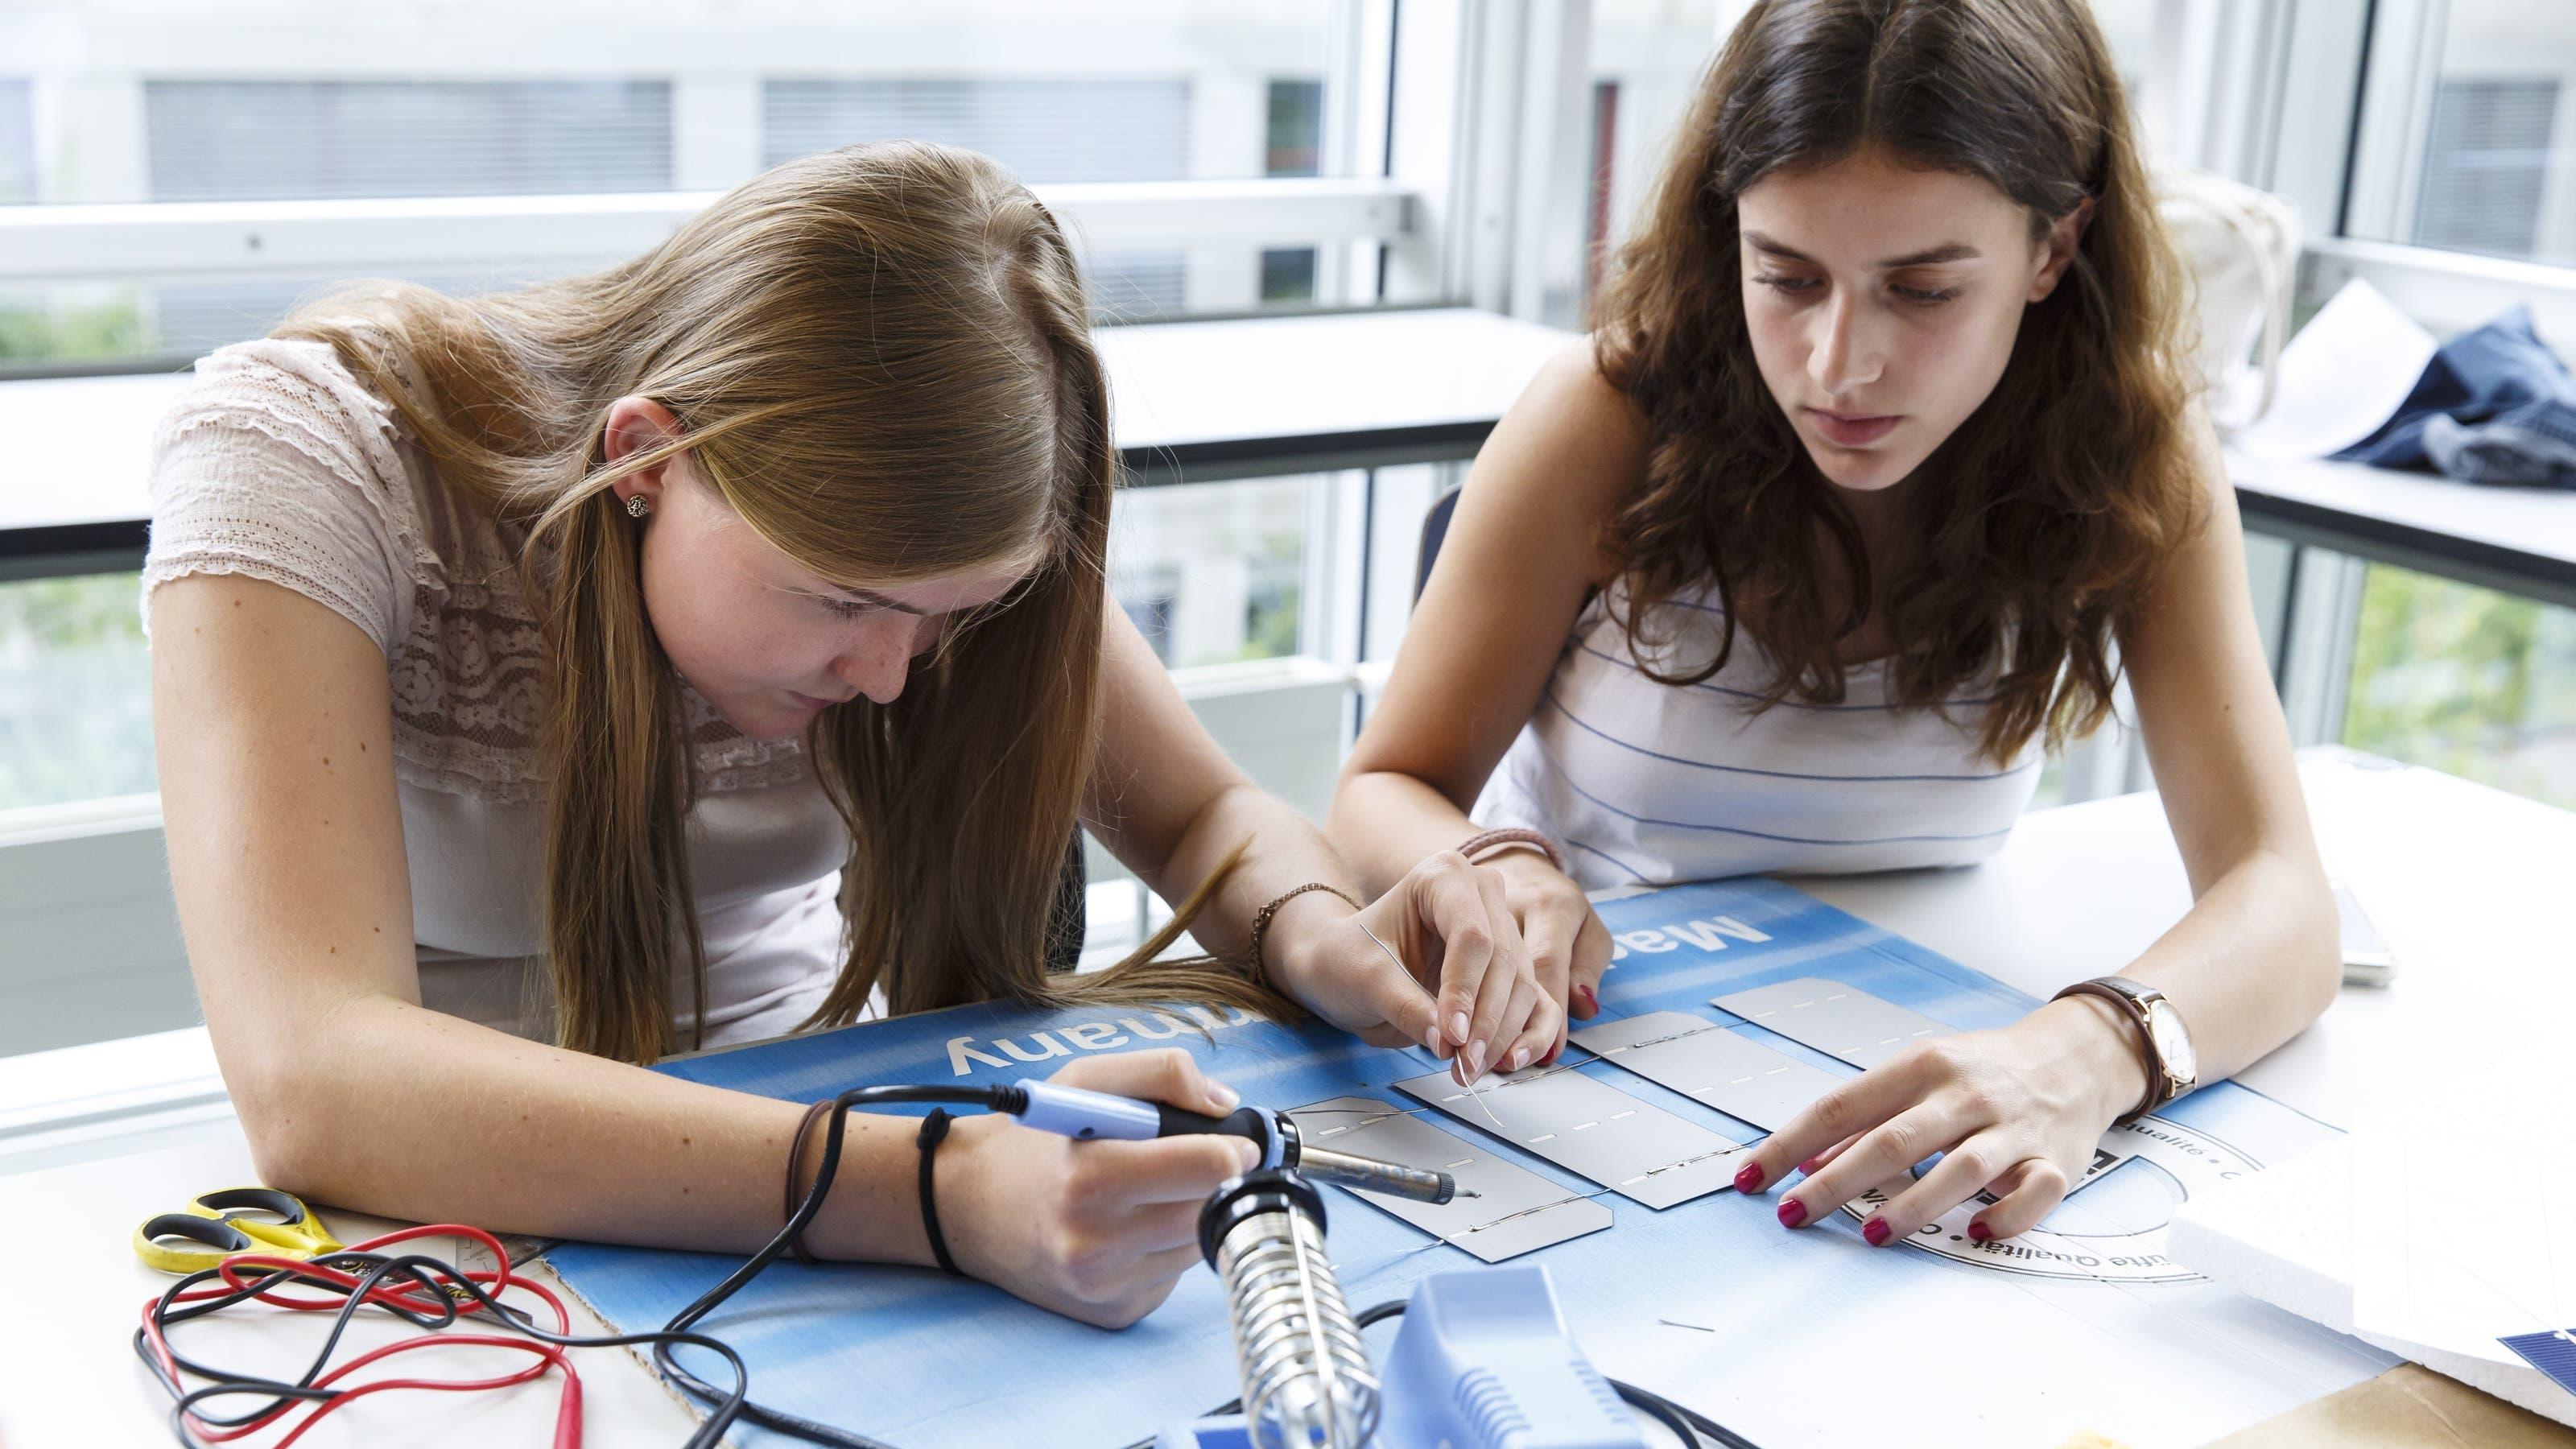 83 Prozent der Volksschulabgänger haben den Übertritt in eine qualifizierende nachobligatorische Ausbildung auf der Sekundarstufe II geschafft. Vor zehn Jahren waren es noch 77 Prozent. (Themenbild)